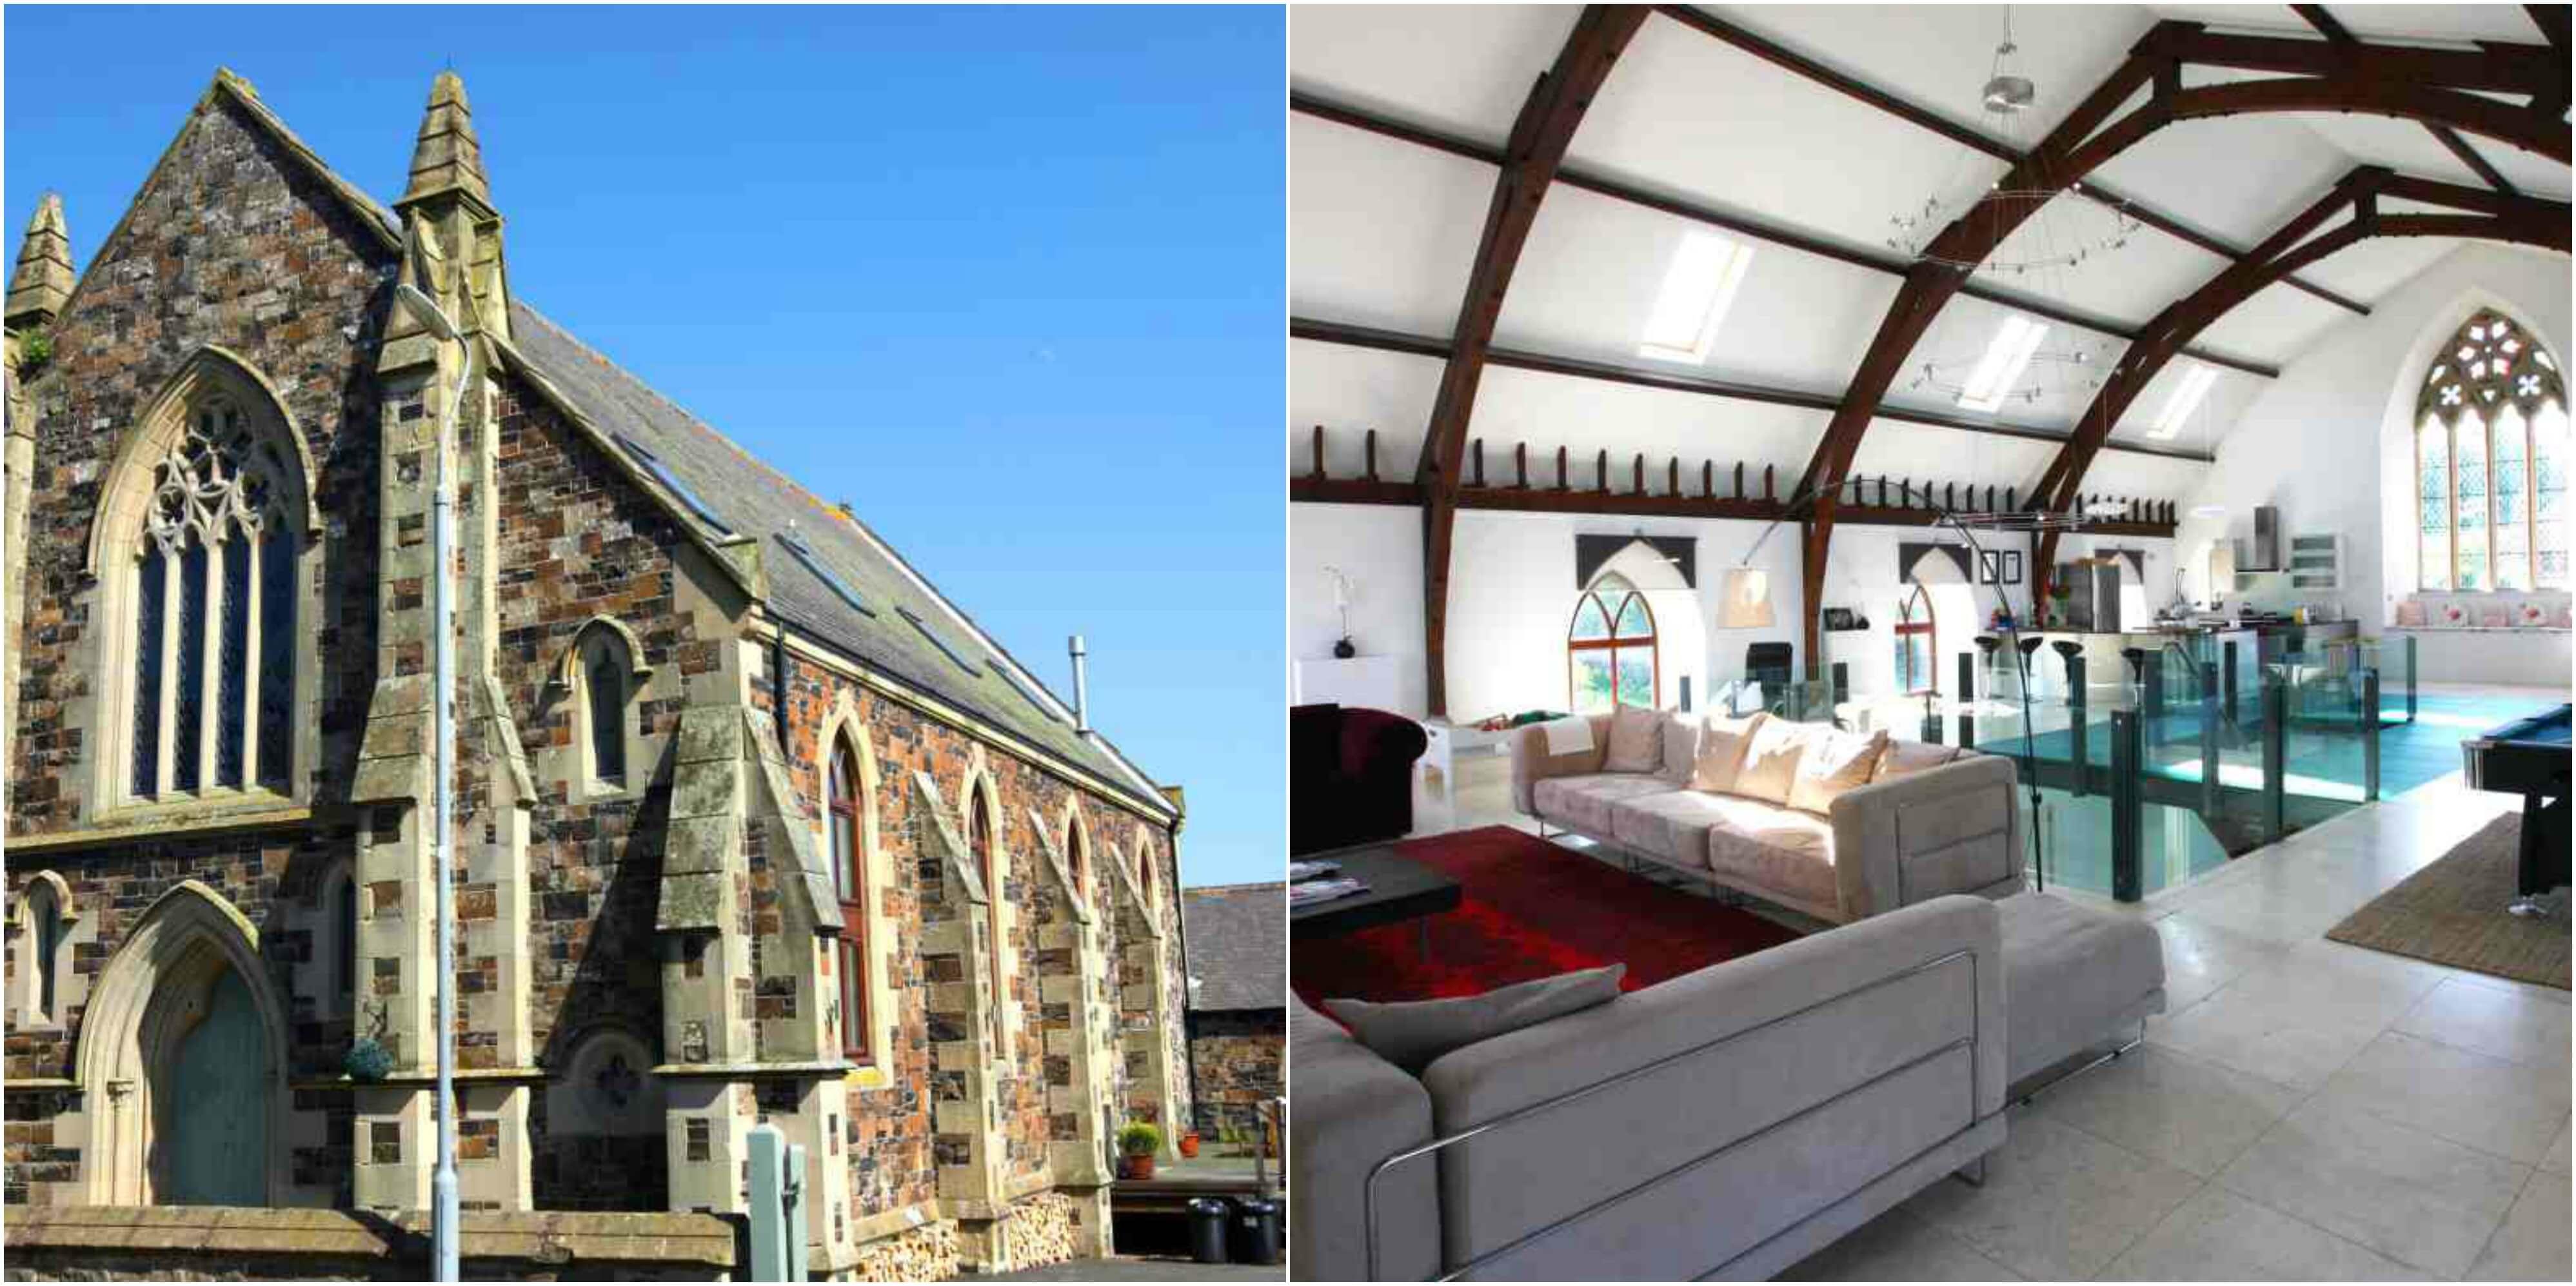 Kerk in Kelso, Schotland